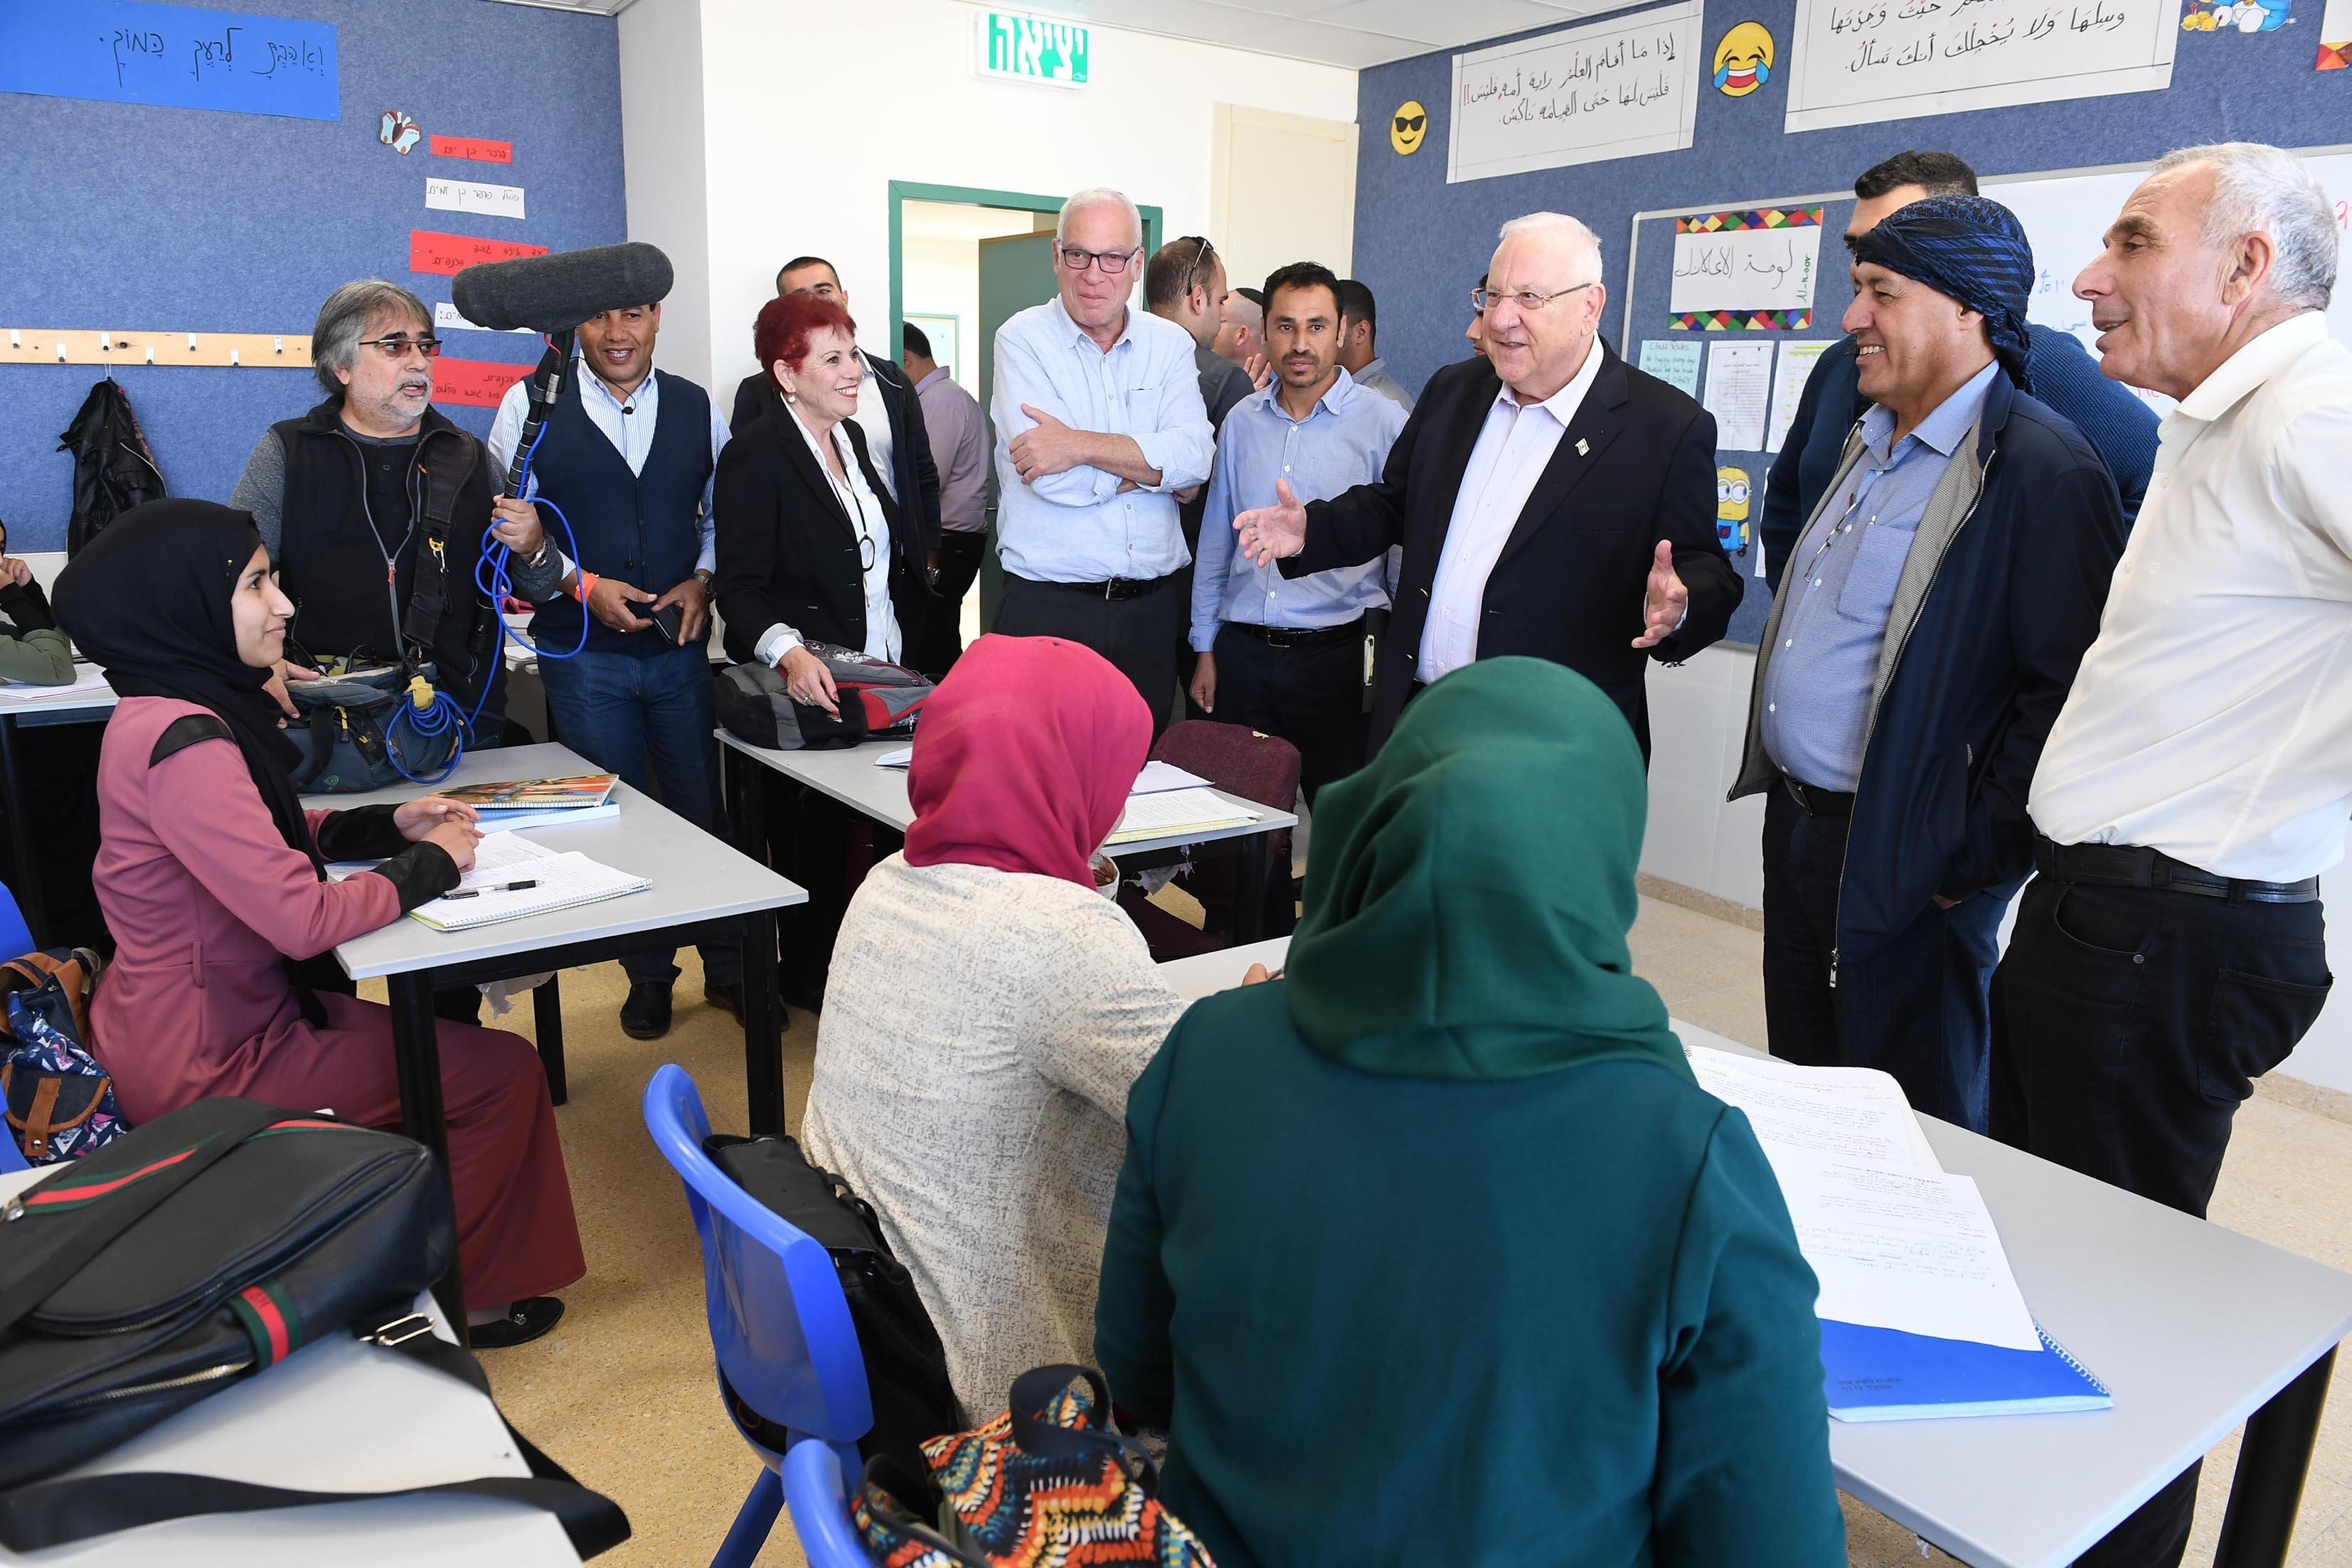 ريفلين ووزير الزراعة وتطوير القرية والمسؤول عن تطوير إسكان البدو في النقب يتجولون في مدرسة للسكان البدو وفي مصنع صودا ستريم